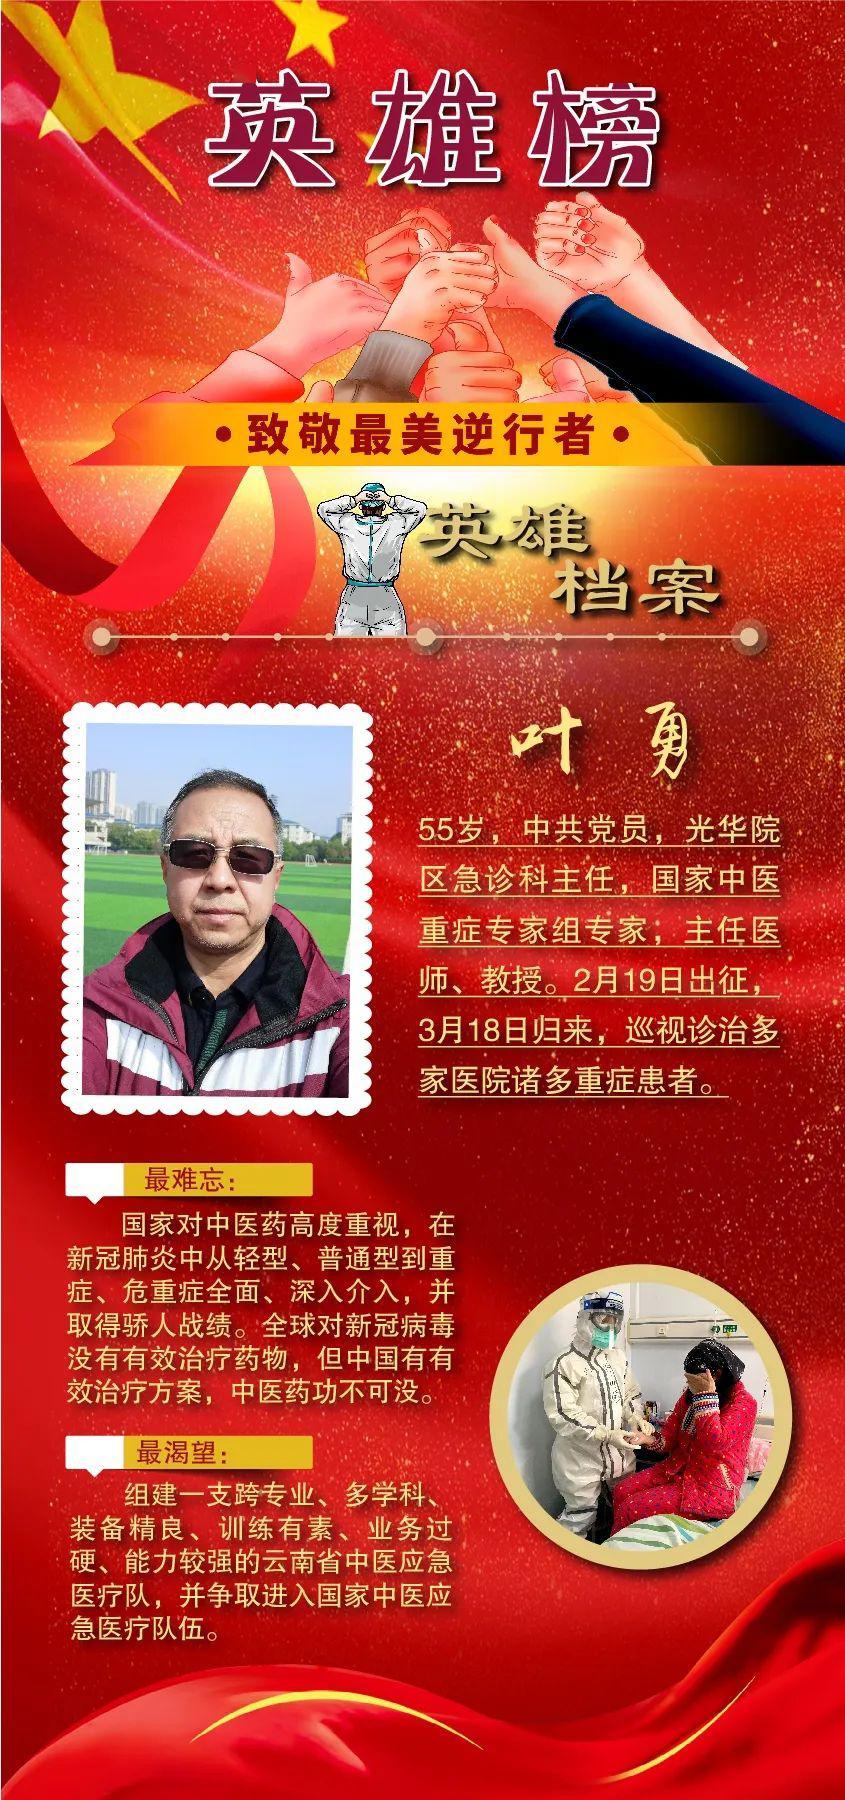 @叶勇同志,您有一封来自国家中医药管理局的感谢信